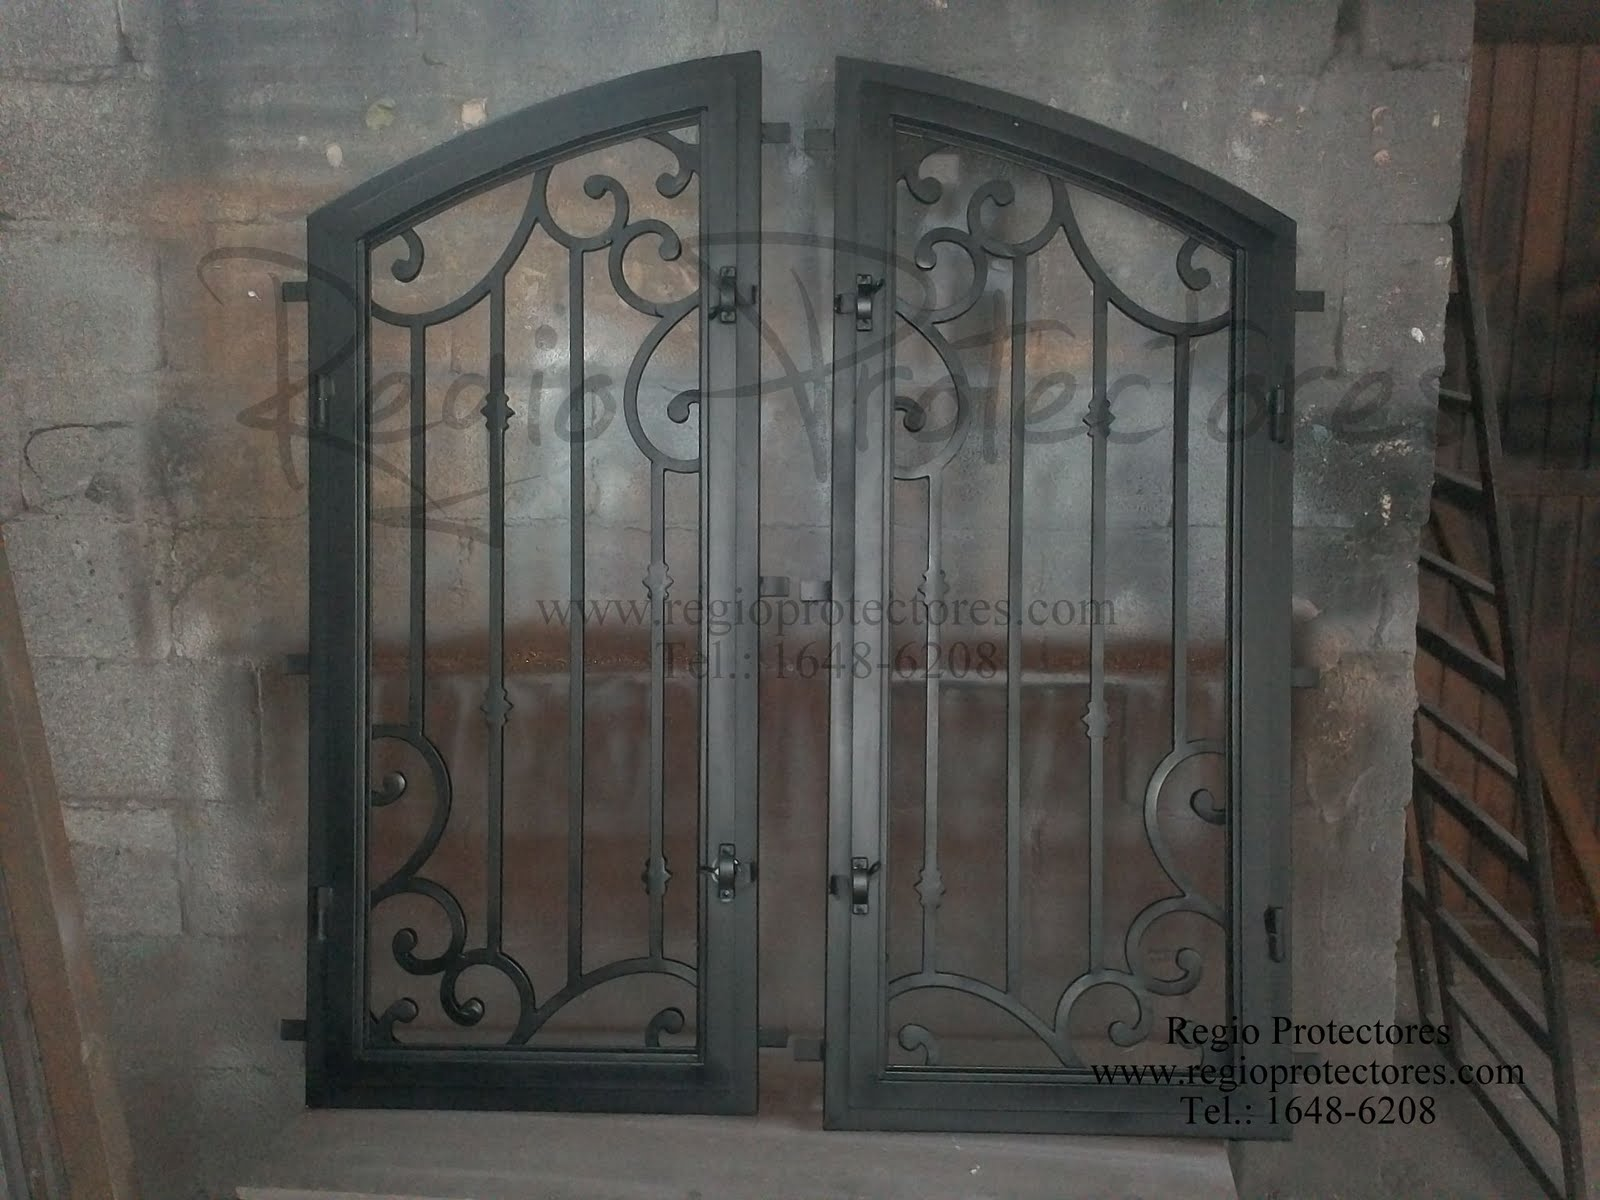 Regio protectores insertos de hierro forjado para puerta for Puertas de hierro forjado para casas